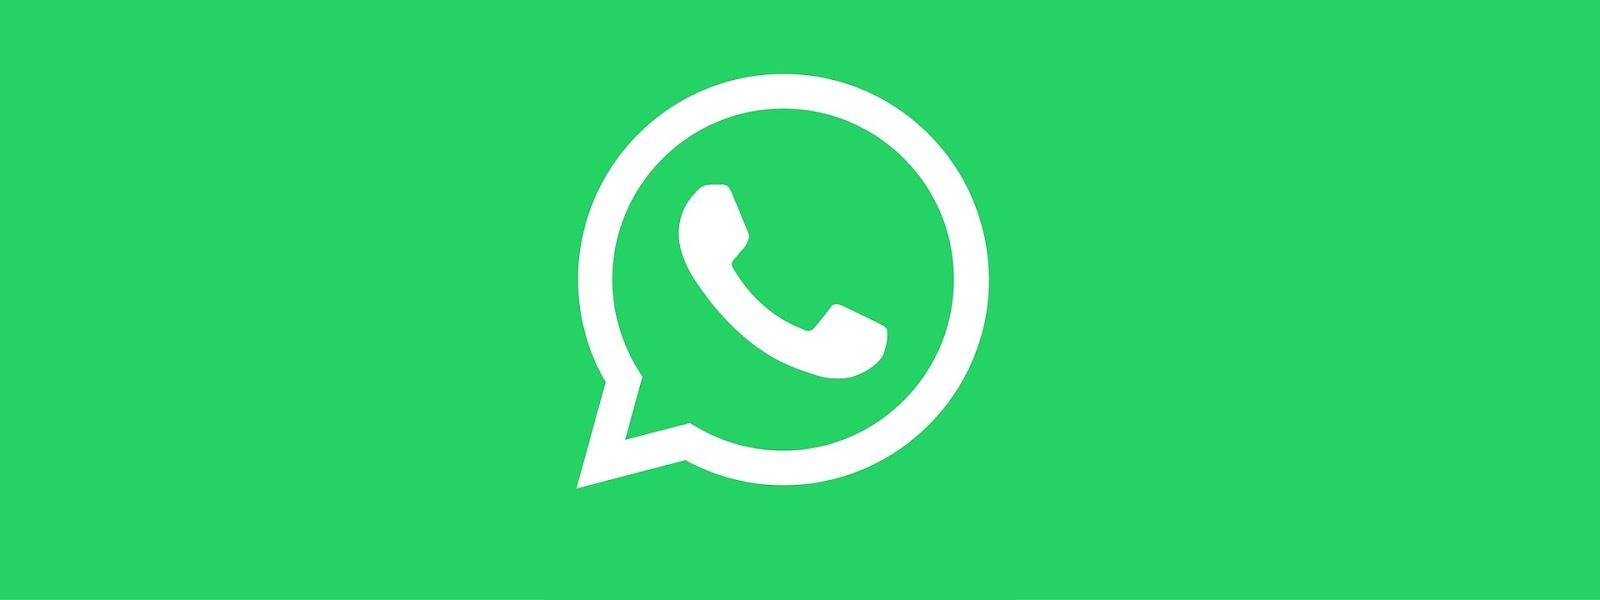 Image result for व्हाट्सएप के ग्राहकों की संख्या 1 बिलियन से अधिक